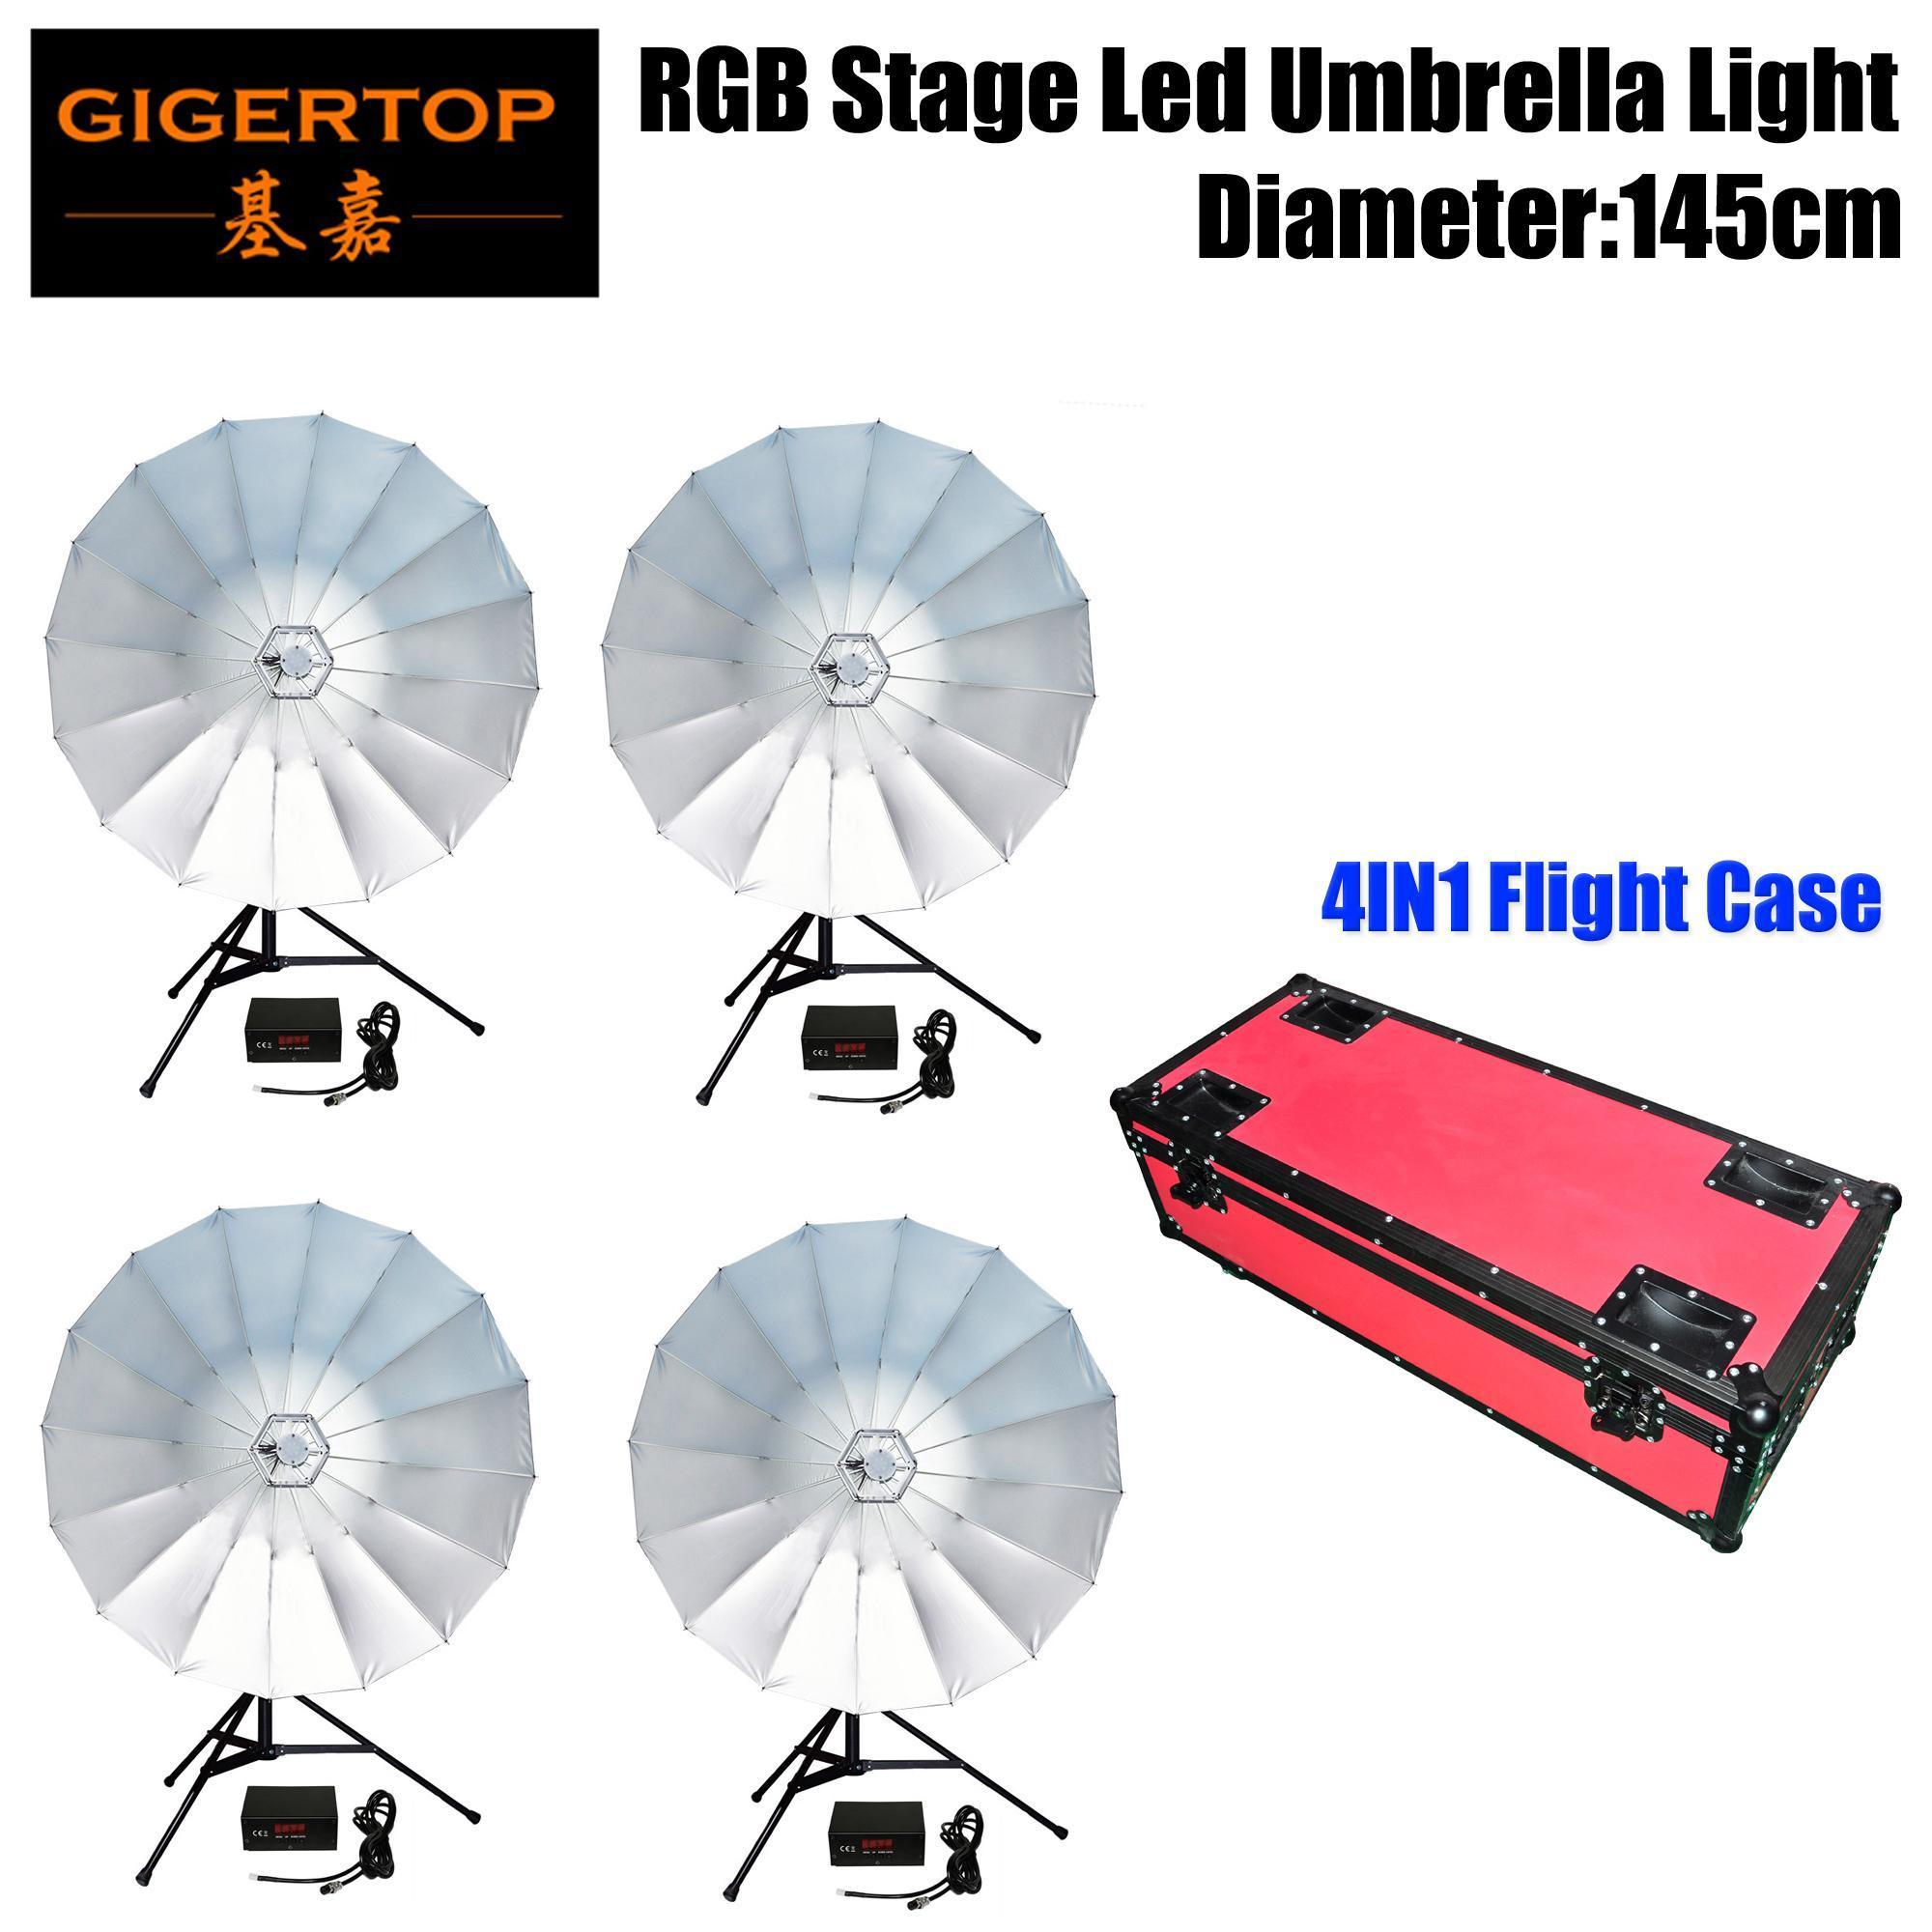 4in1 Rouge Couleur Flightcase pack intérieur Rgb Led Umbrella Professional scène éclairage Cmy mélange de couleurs 145cm Diamètre ouvert -Um34 Tp